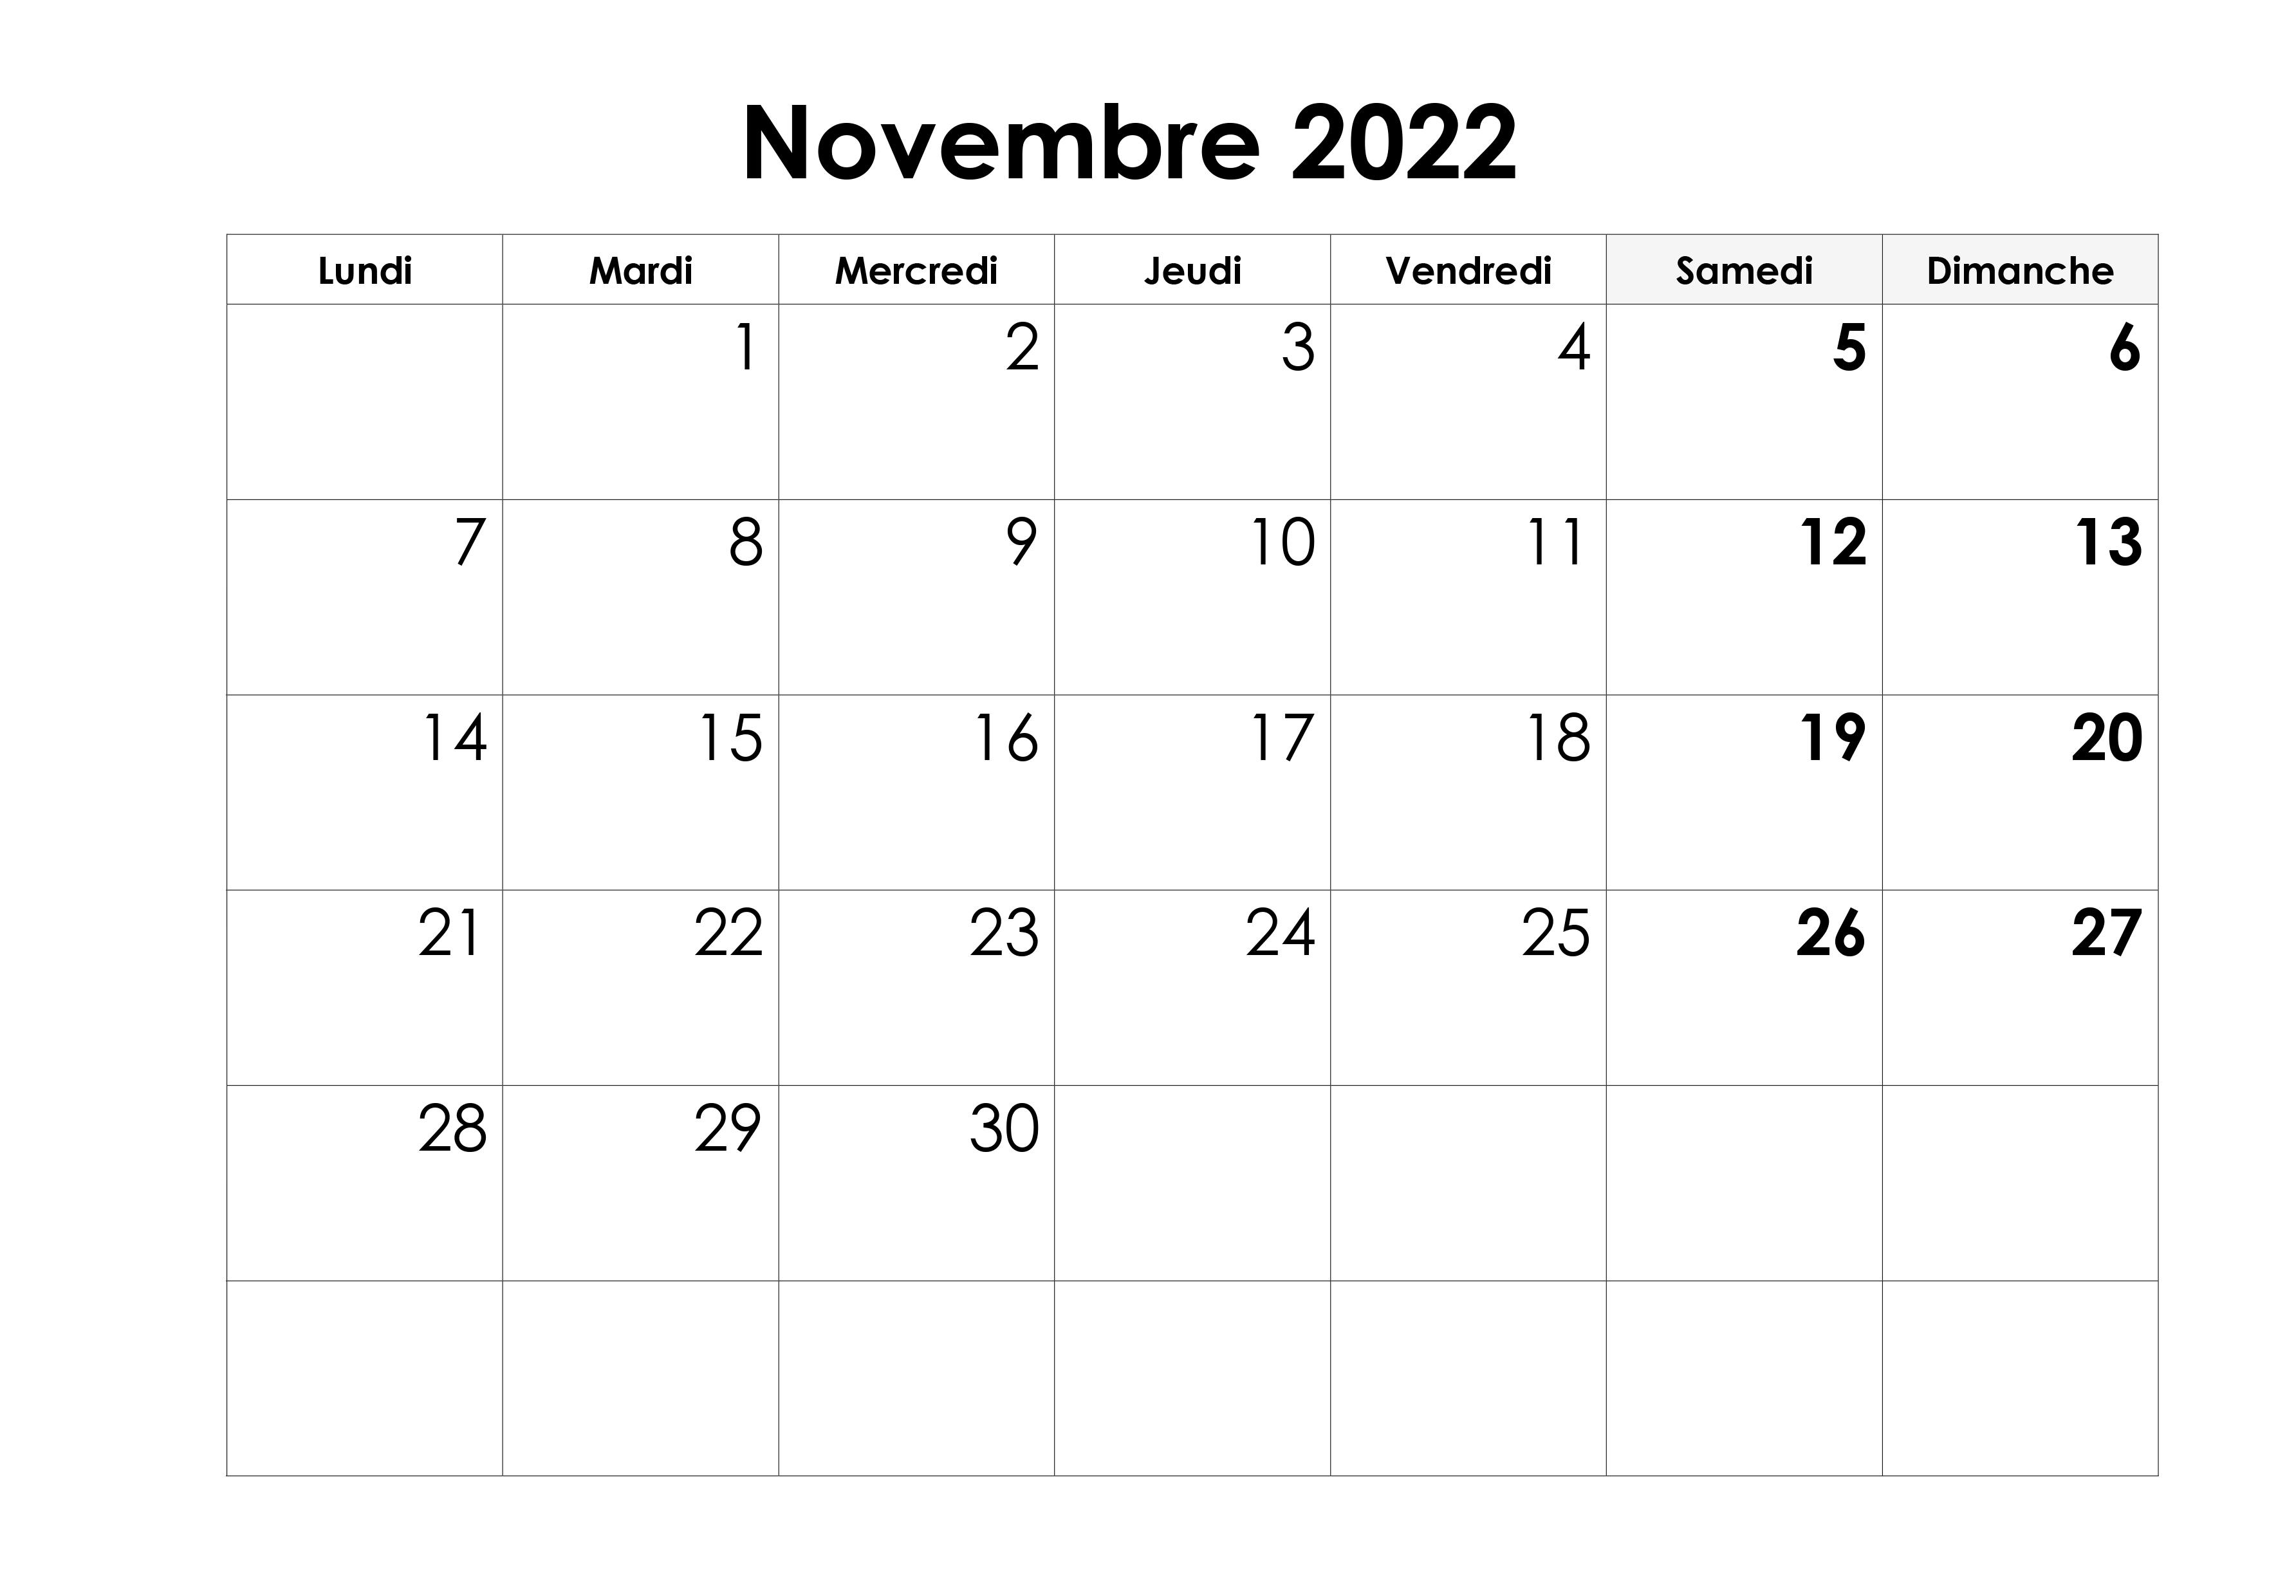 Novembre 2022 Calendrier PDF